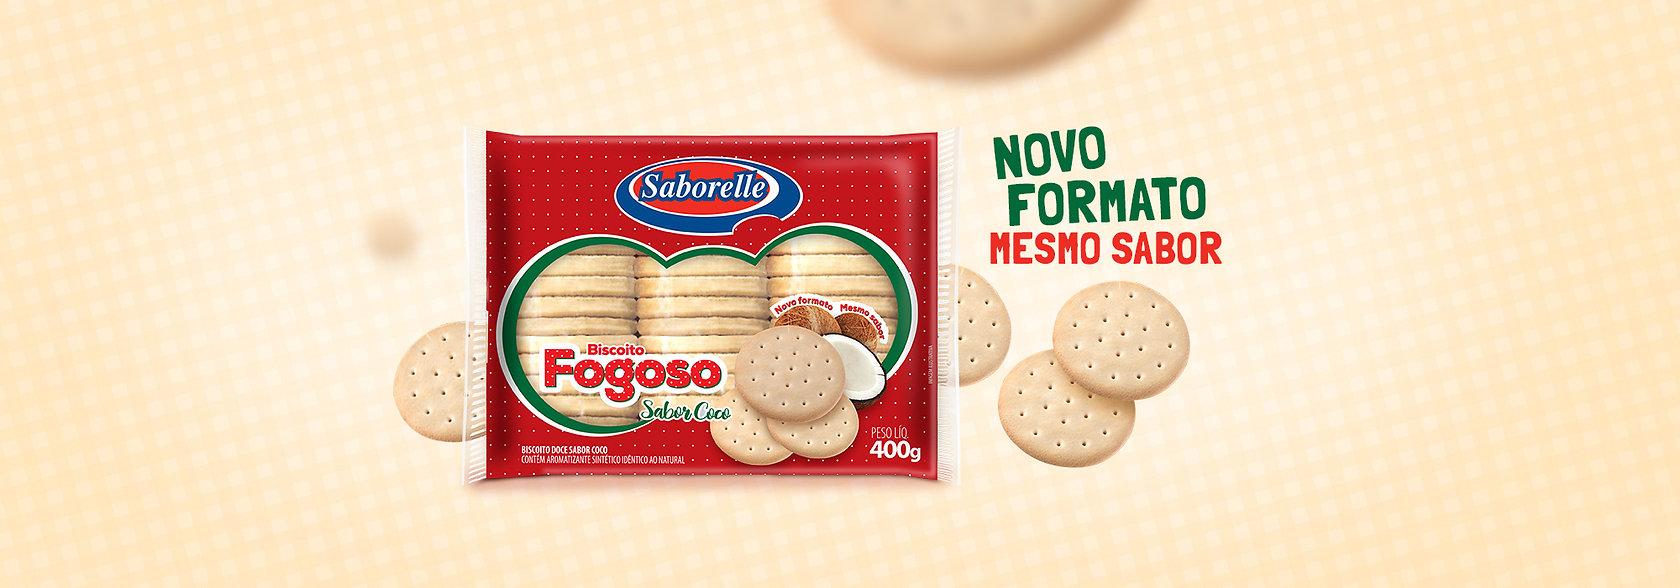 01-BANNER-FOGOSO.jpg